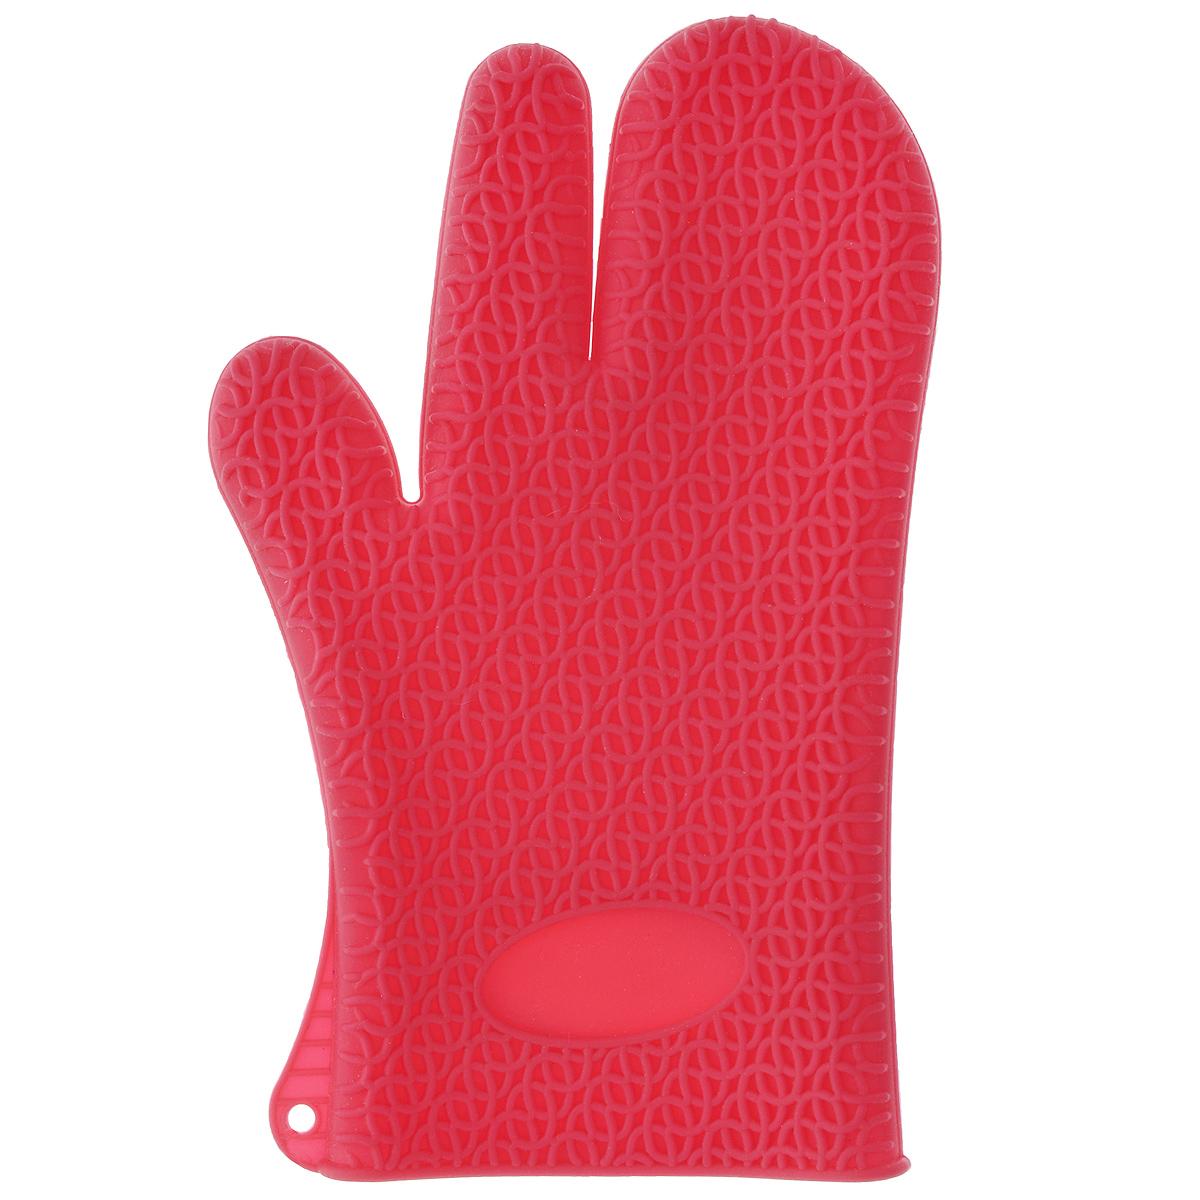 Рукавица для кухни Marmiton, силиконовая, цвет: малиновый16067_малиновыйРукавица для кухни Marmiton выполнена из цветного силикона, который выдерживает температуру от -40°С до +240°С. Изделие приятное на ощупь, невероятно гибкое и прочное. Рукавица имеет рельефную поверхность, что обеспечивает еще более надежный хват. С помощью такой рукавицы ваши руки будут защищены от ожогов, когда вы будете ставить в печь или доставать из нее выпечку. Размер: 17 см х 28 см.